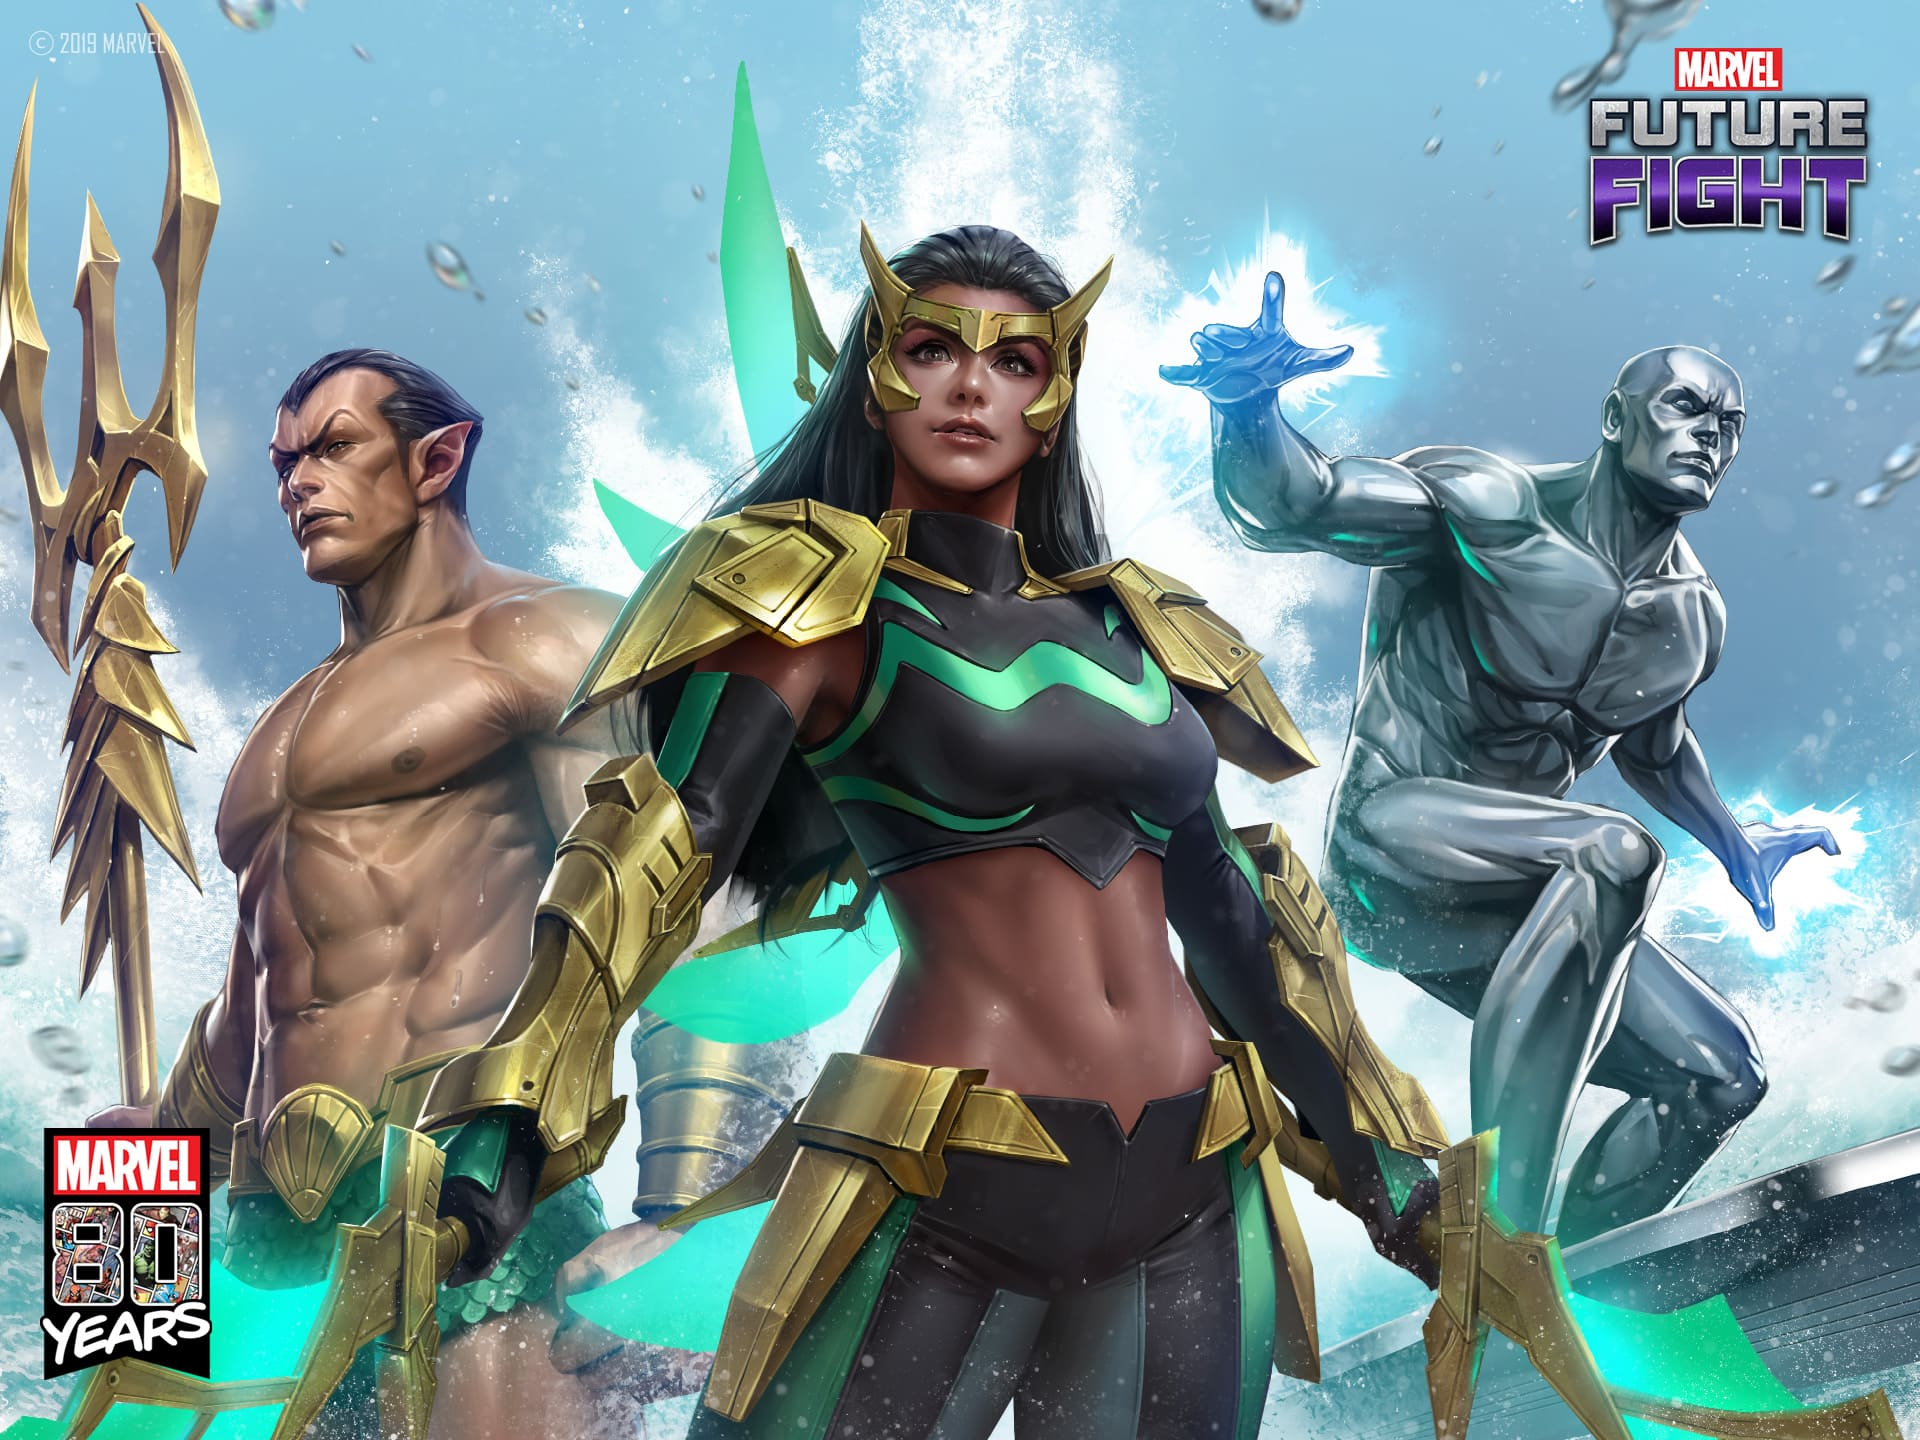 漫威全新菲律賓超級女英雄「浪」 加入《MARVEL未來之戰》參戰